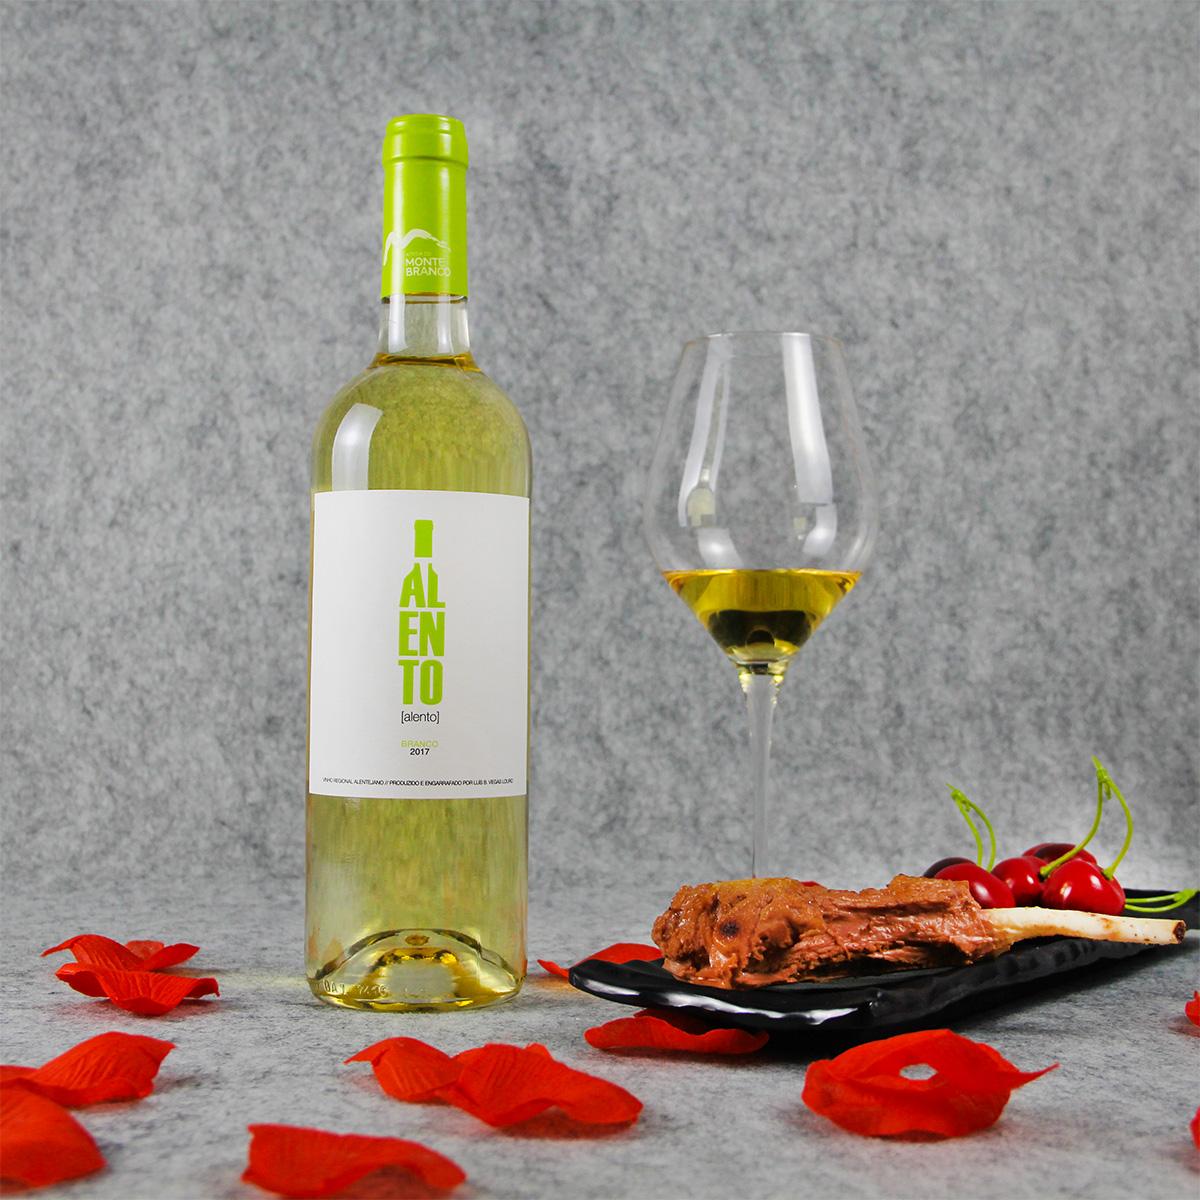 葡萄牙阿连特茹蒙特布兰科酒庄蓝图混酿干白葡萄酒